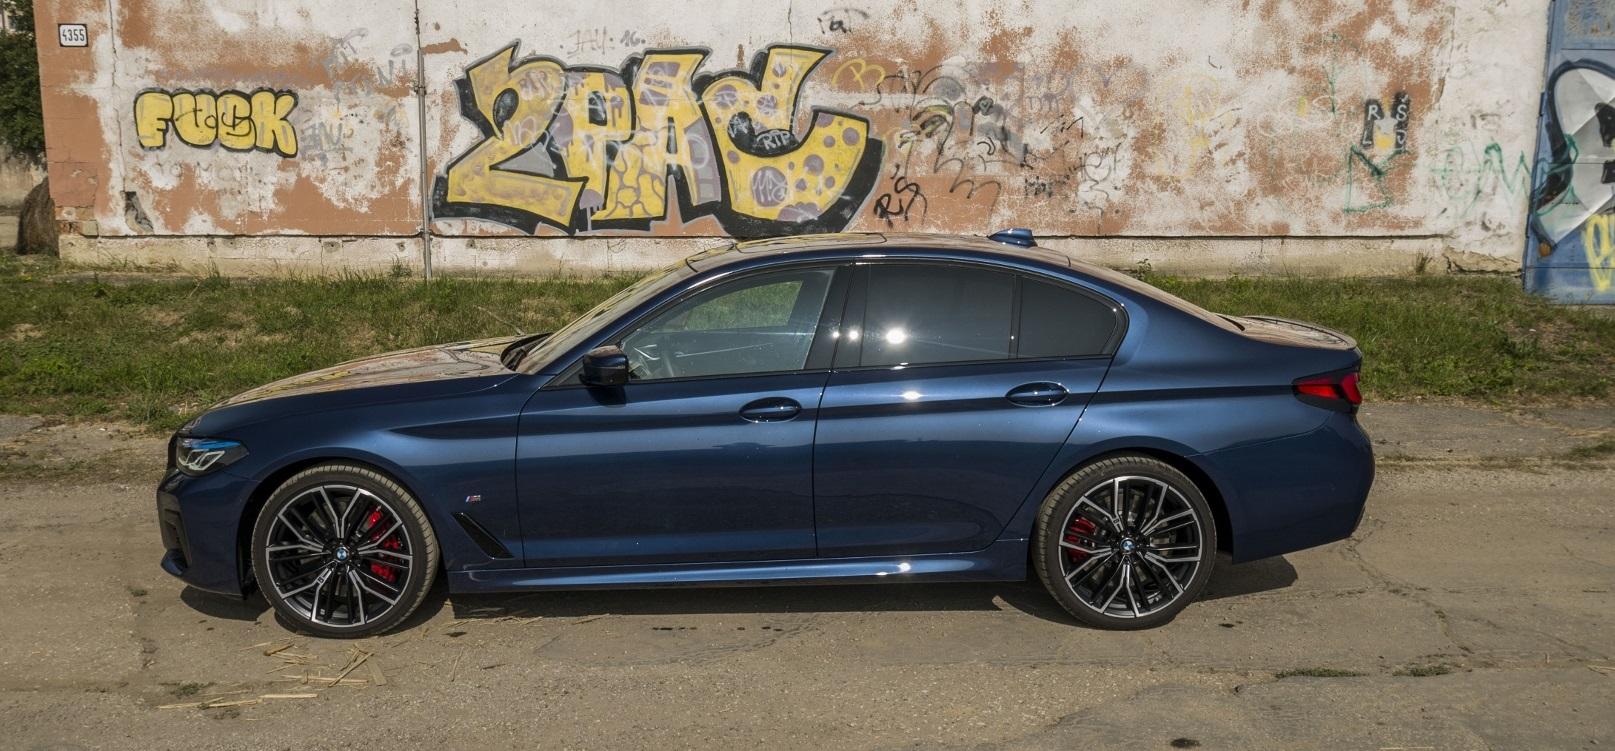 Test: Najsilnejšou zbraňou BMW 540d ostáva podvozok Srbiql8Y6C bmw-540d-1